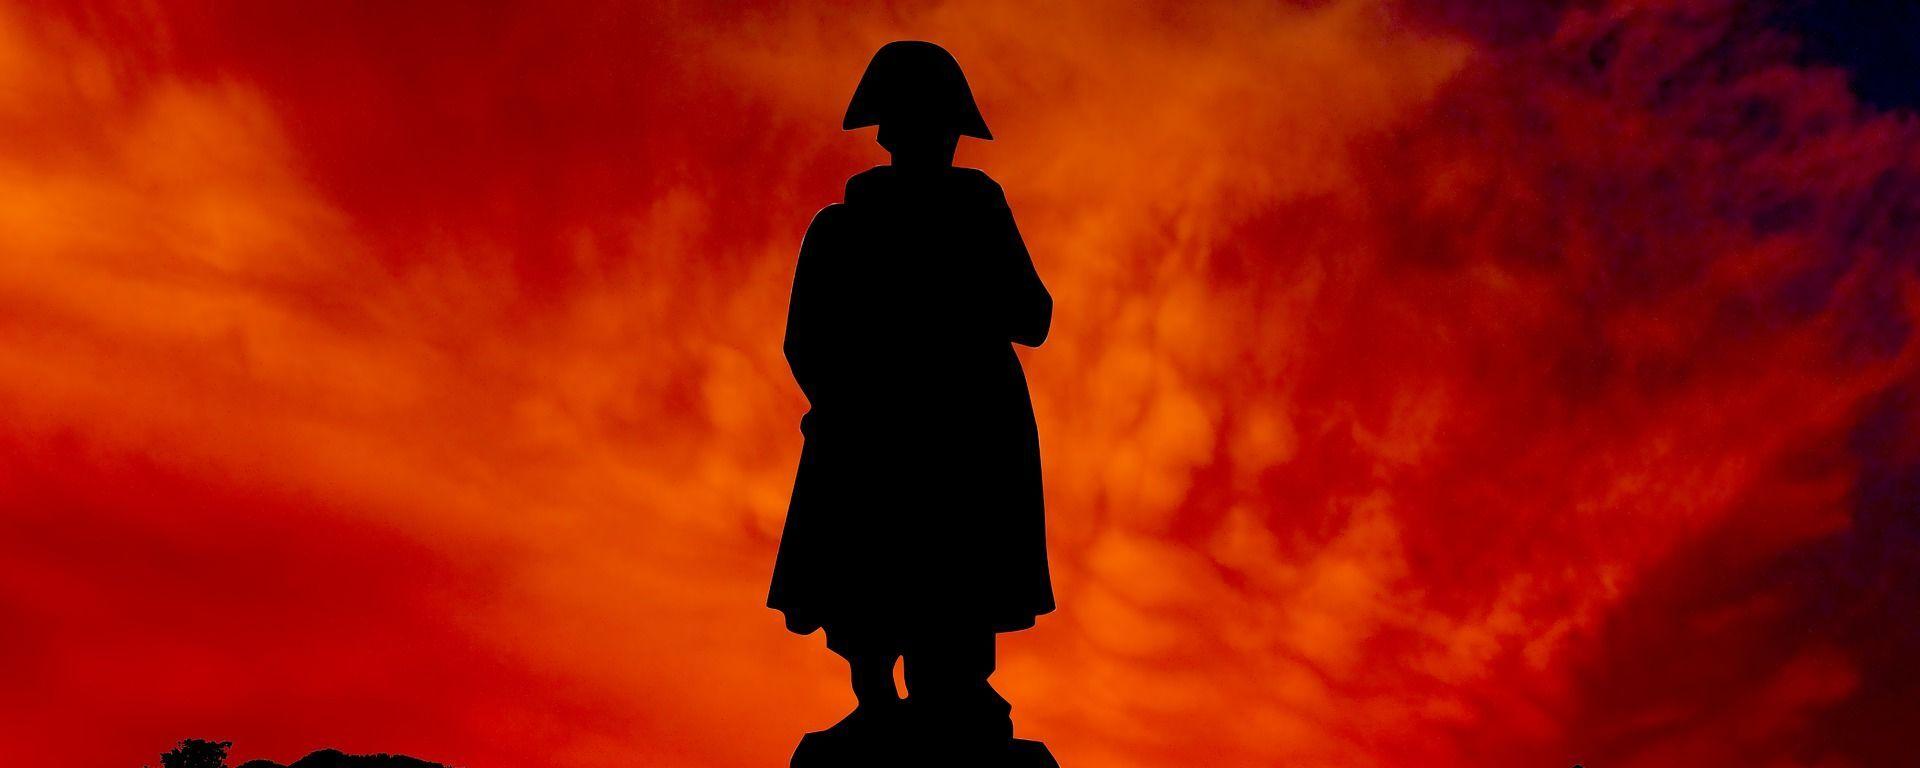 Estatua de Napoleón Bonaparte (imagen referencial) - Sputnik Mundo, 1920, 31.05.2020